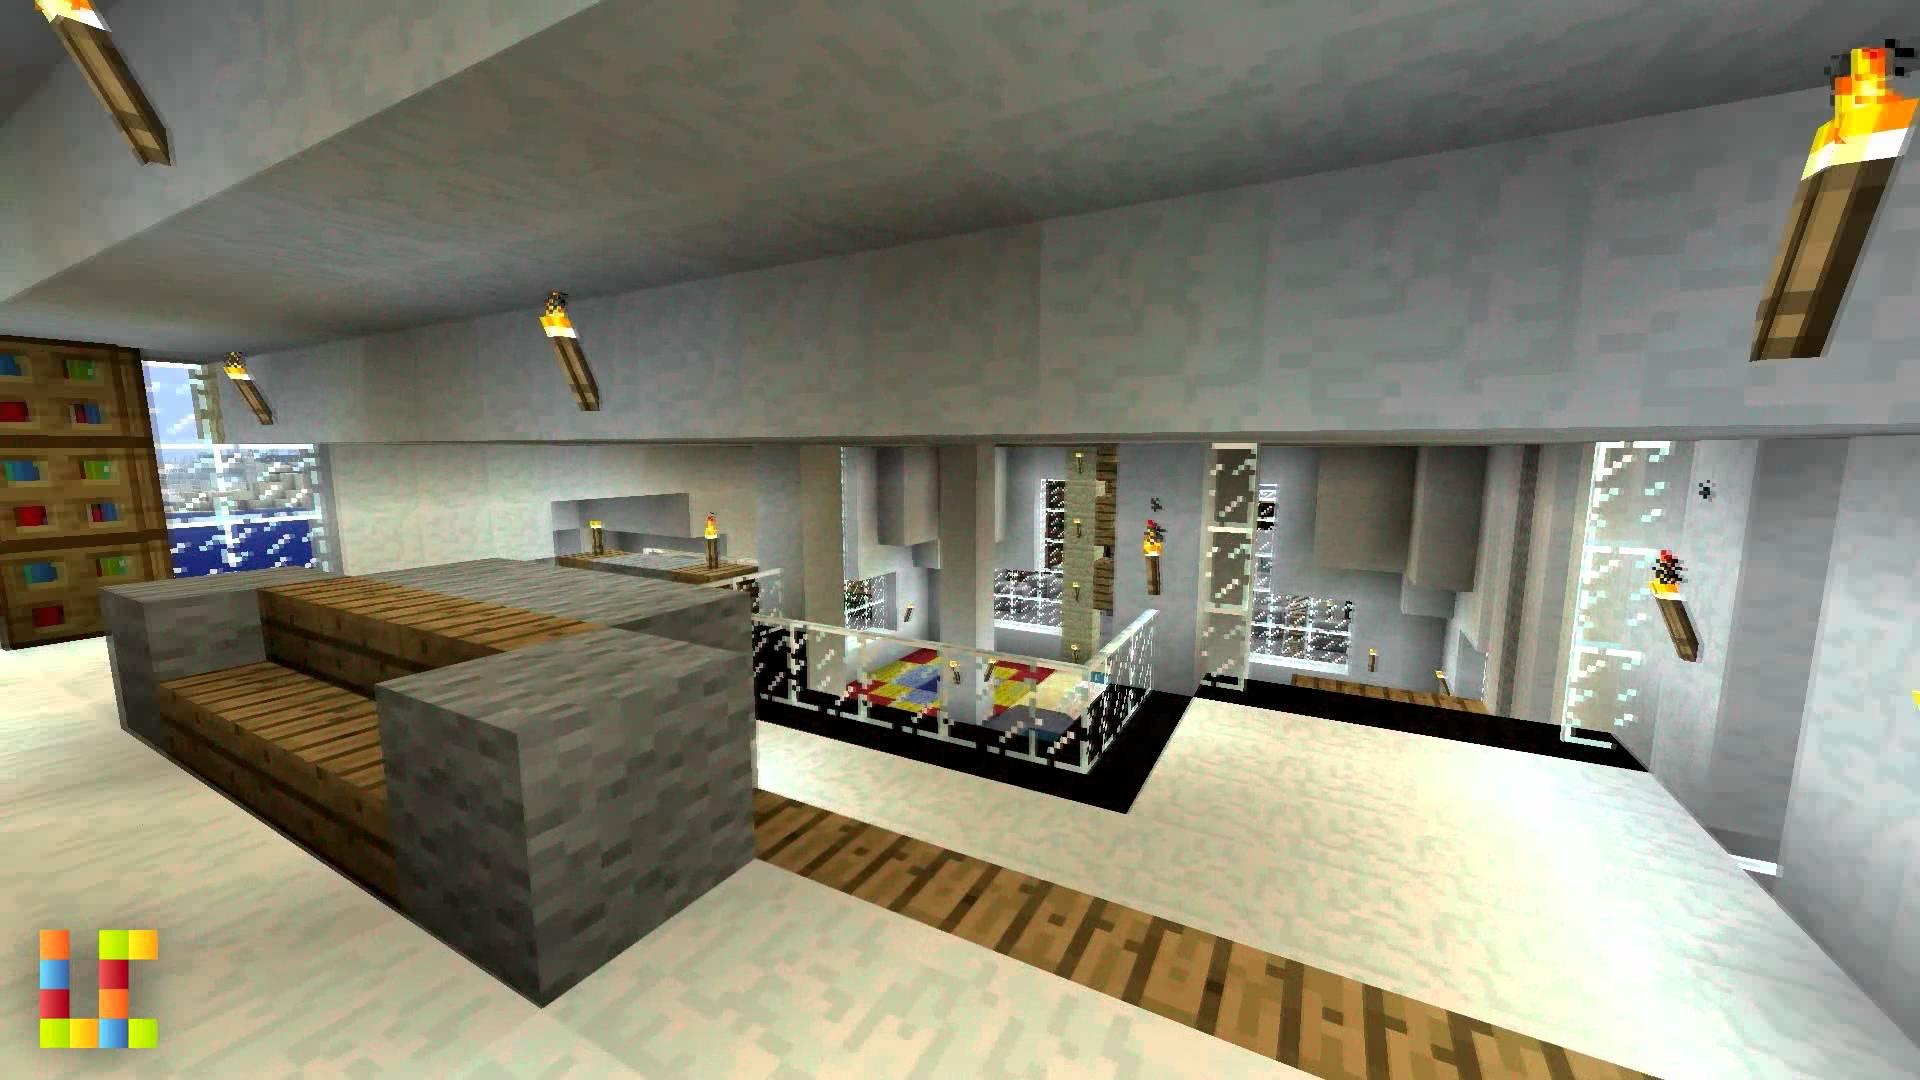 Interieur maison moderne minecraft l 39 impression 3d for Interieur maison 3d